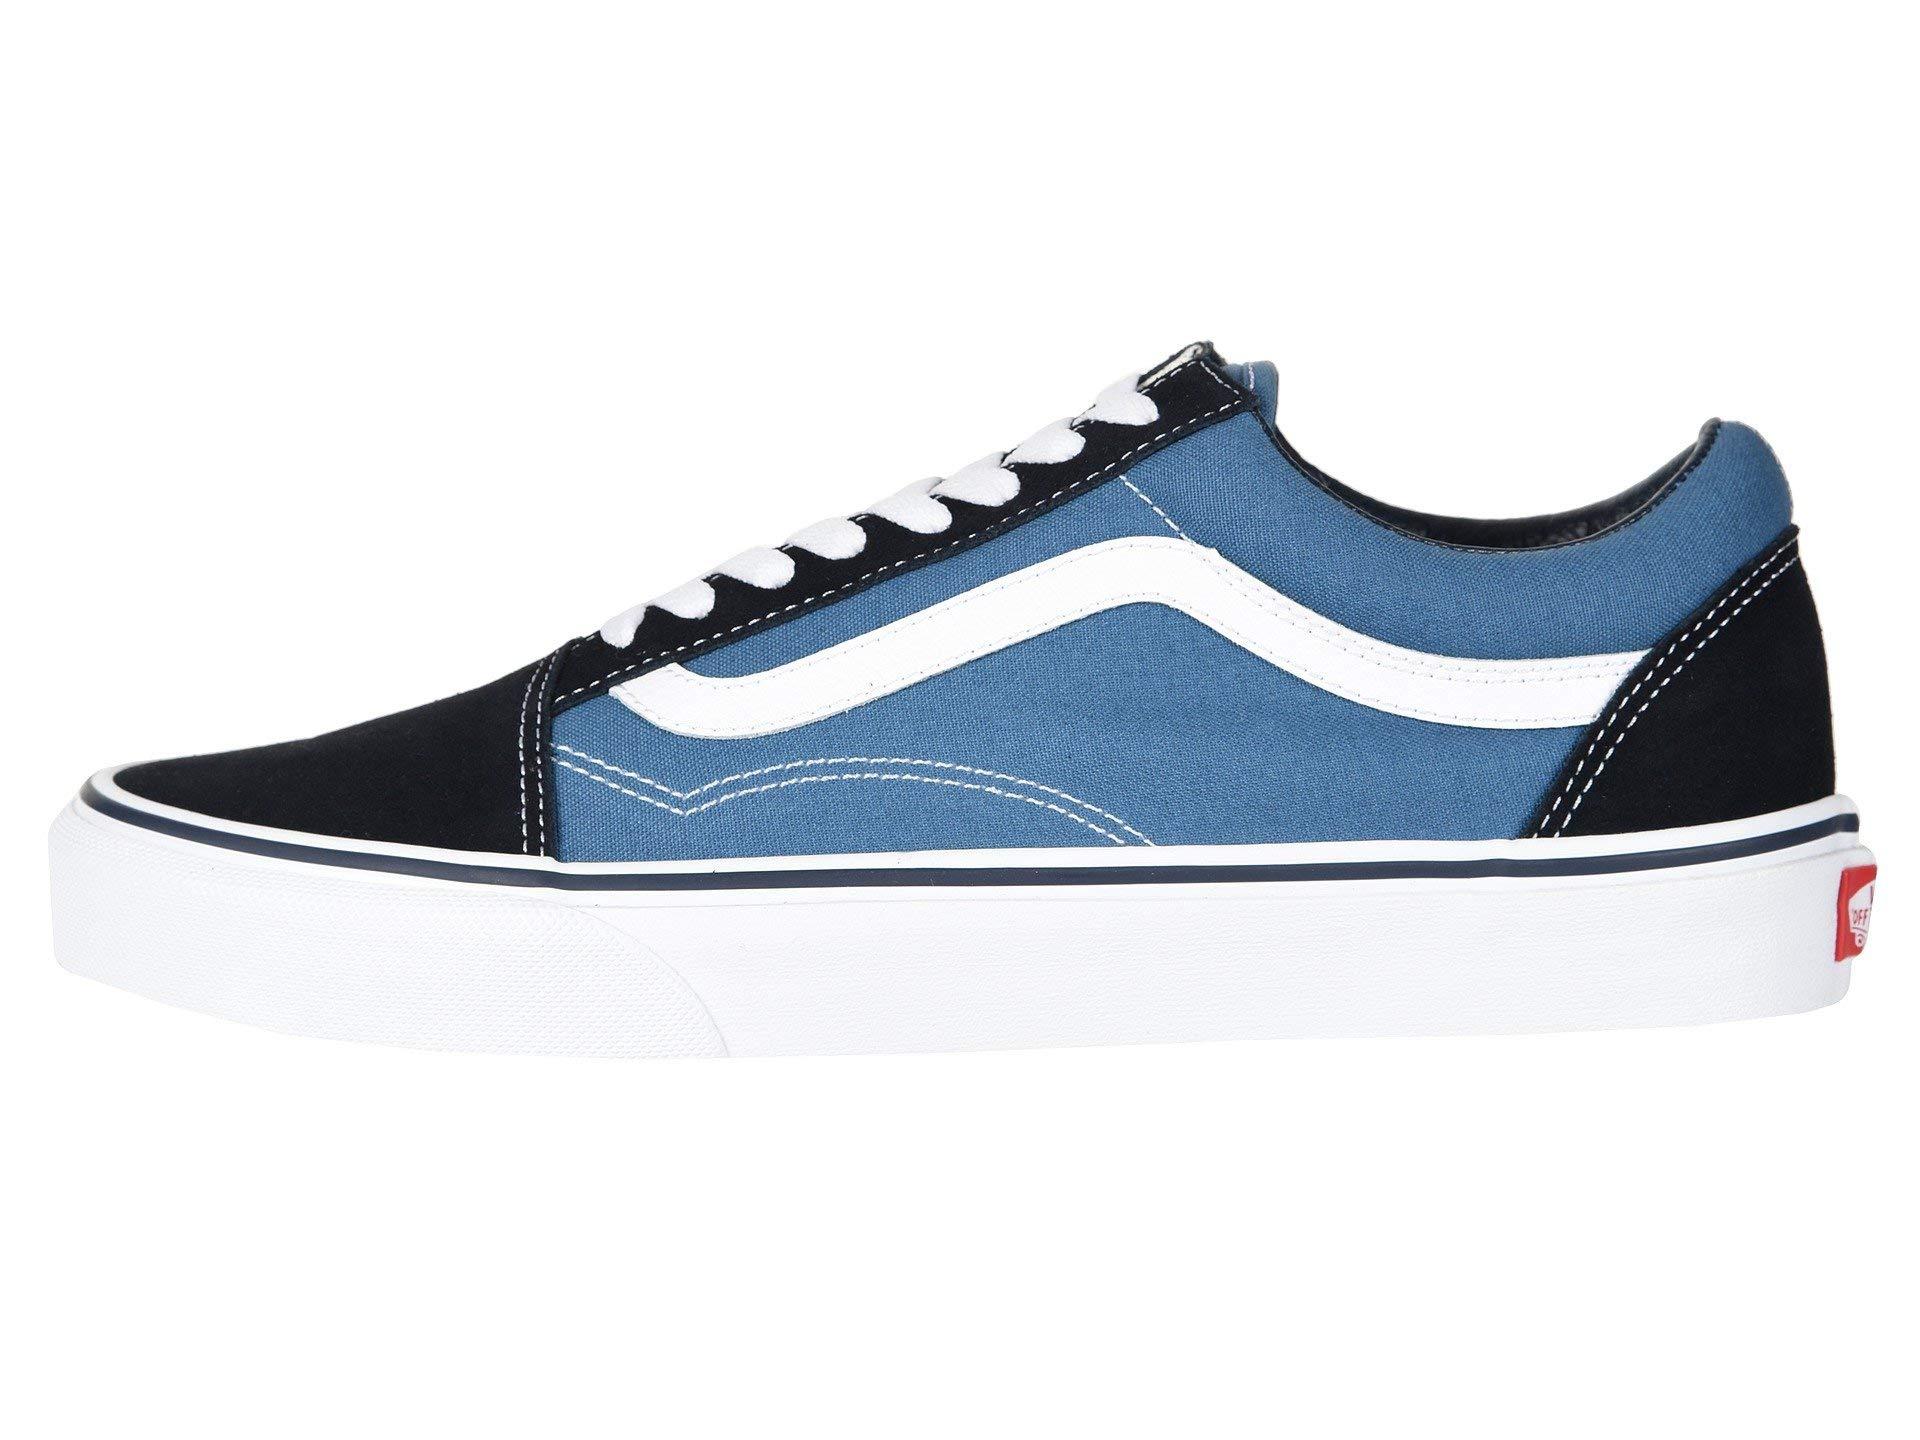 Vans Off The Wall Old Skool Sneakers (Navy) Men's Skateboarding Shoes by Vans (Image #4)